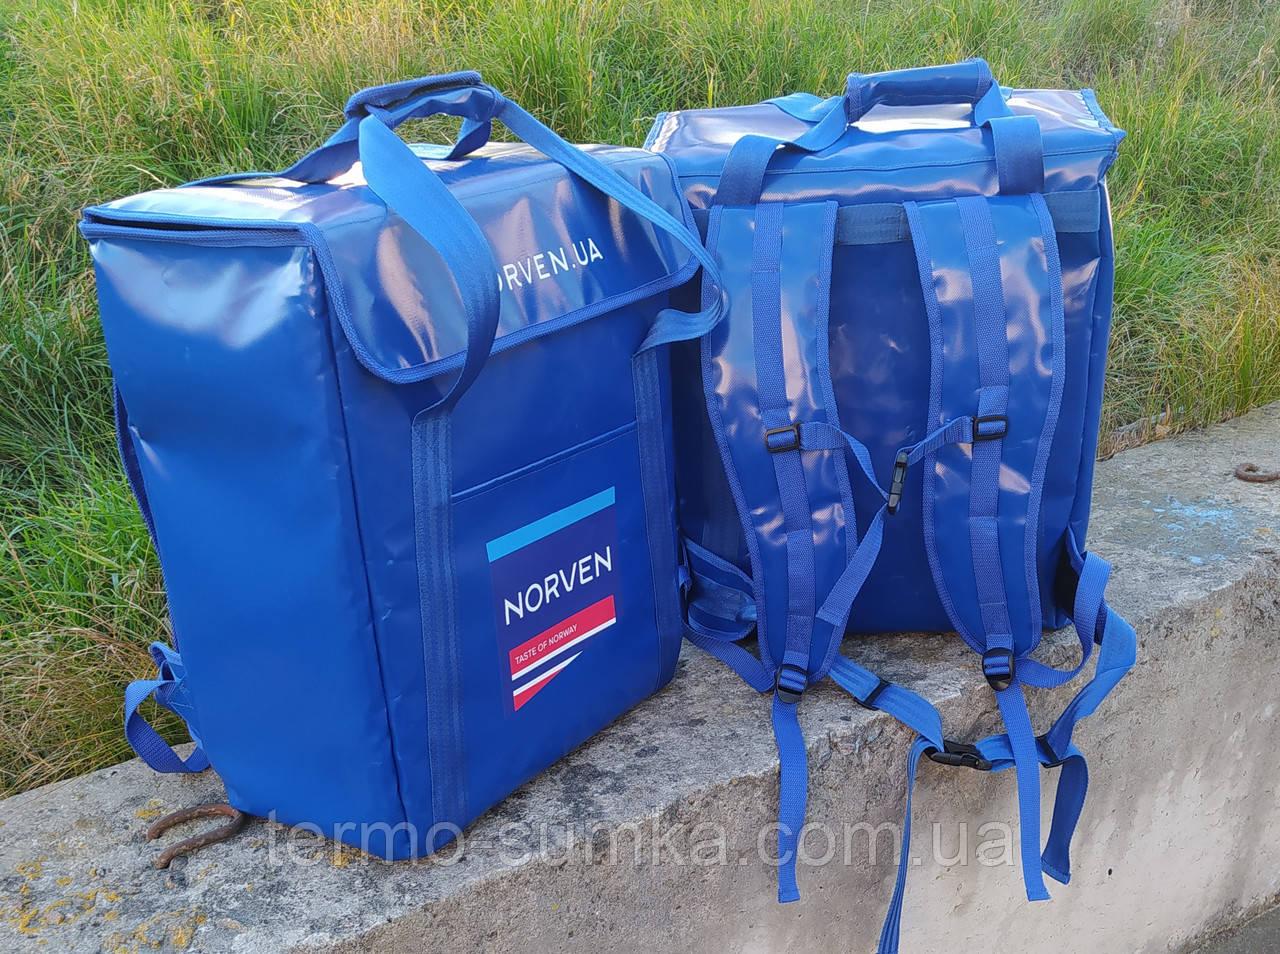 Терморюкзак высокий для доставки еды, суши, напитков. Рюкзак для курьерской доставки еды, напитков. ПВХ